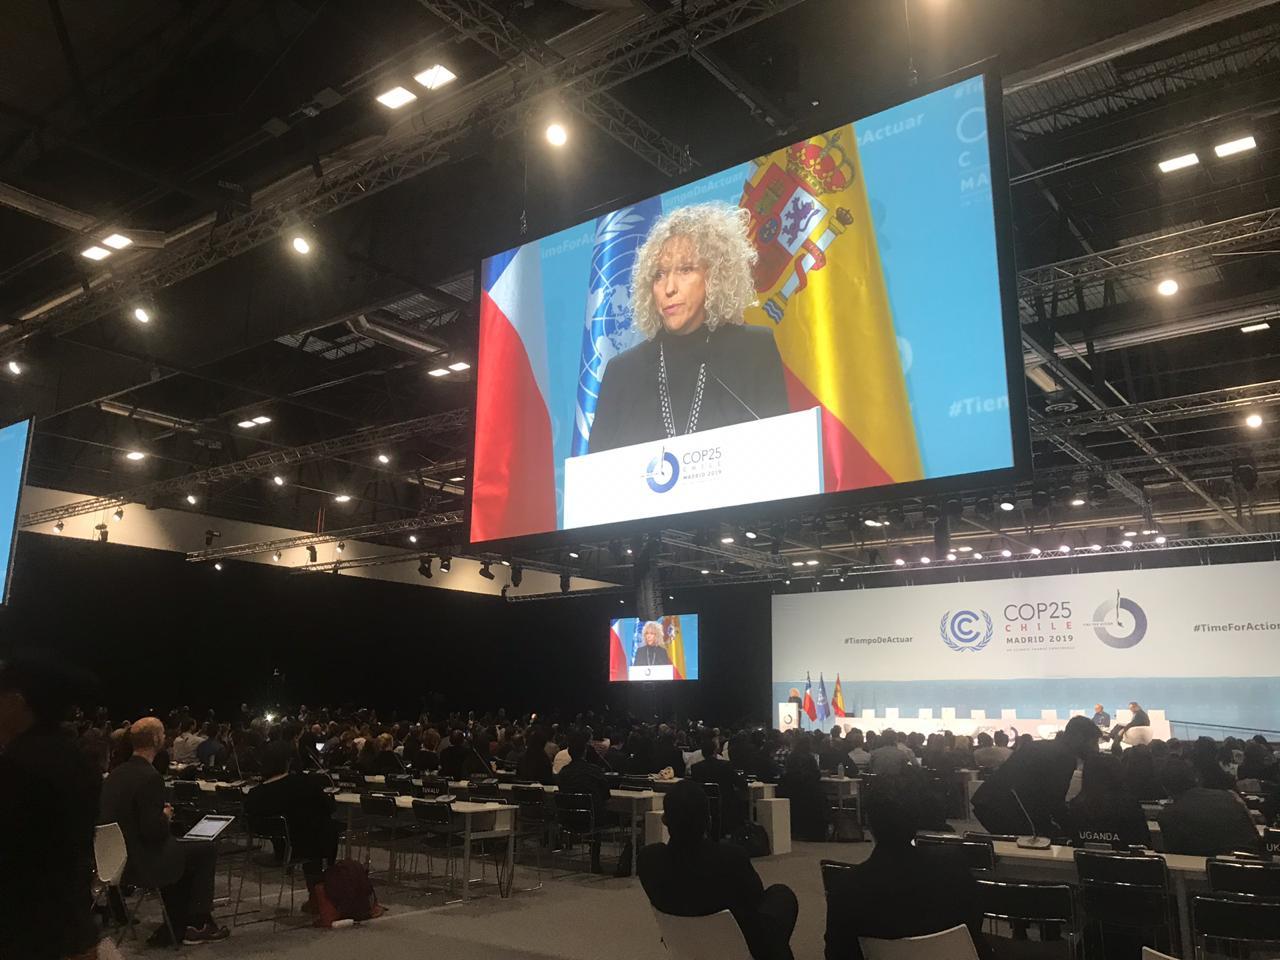 史上最长联合国气候大会闭幕:市场机制未达成共识,成果力度有限